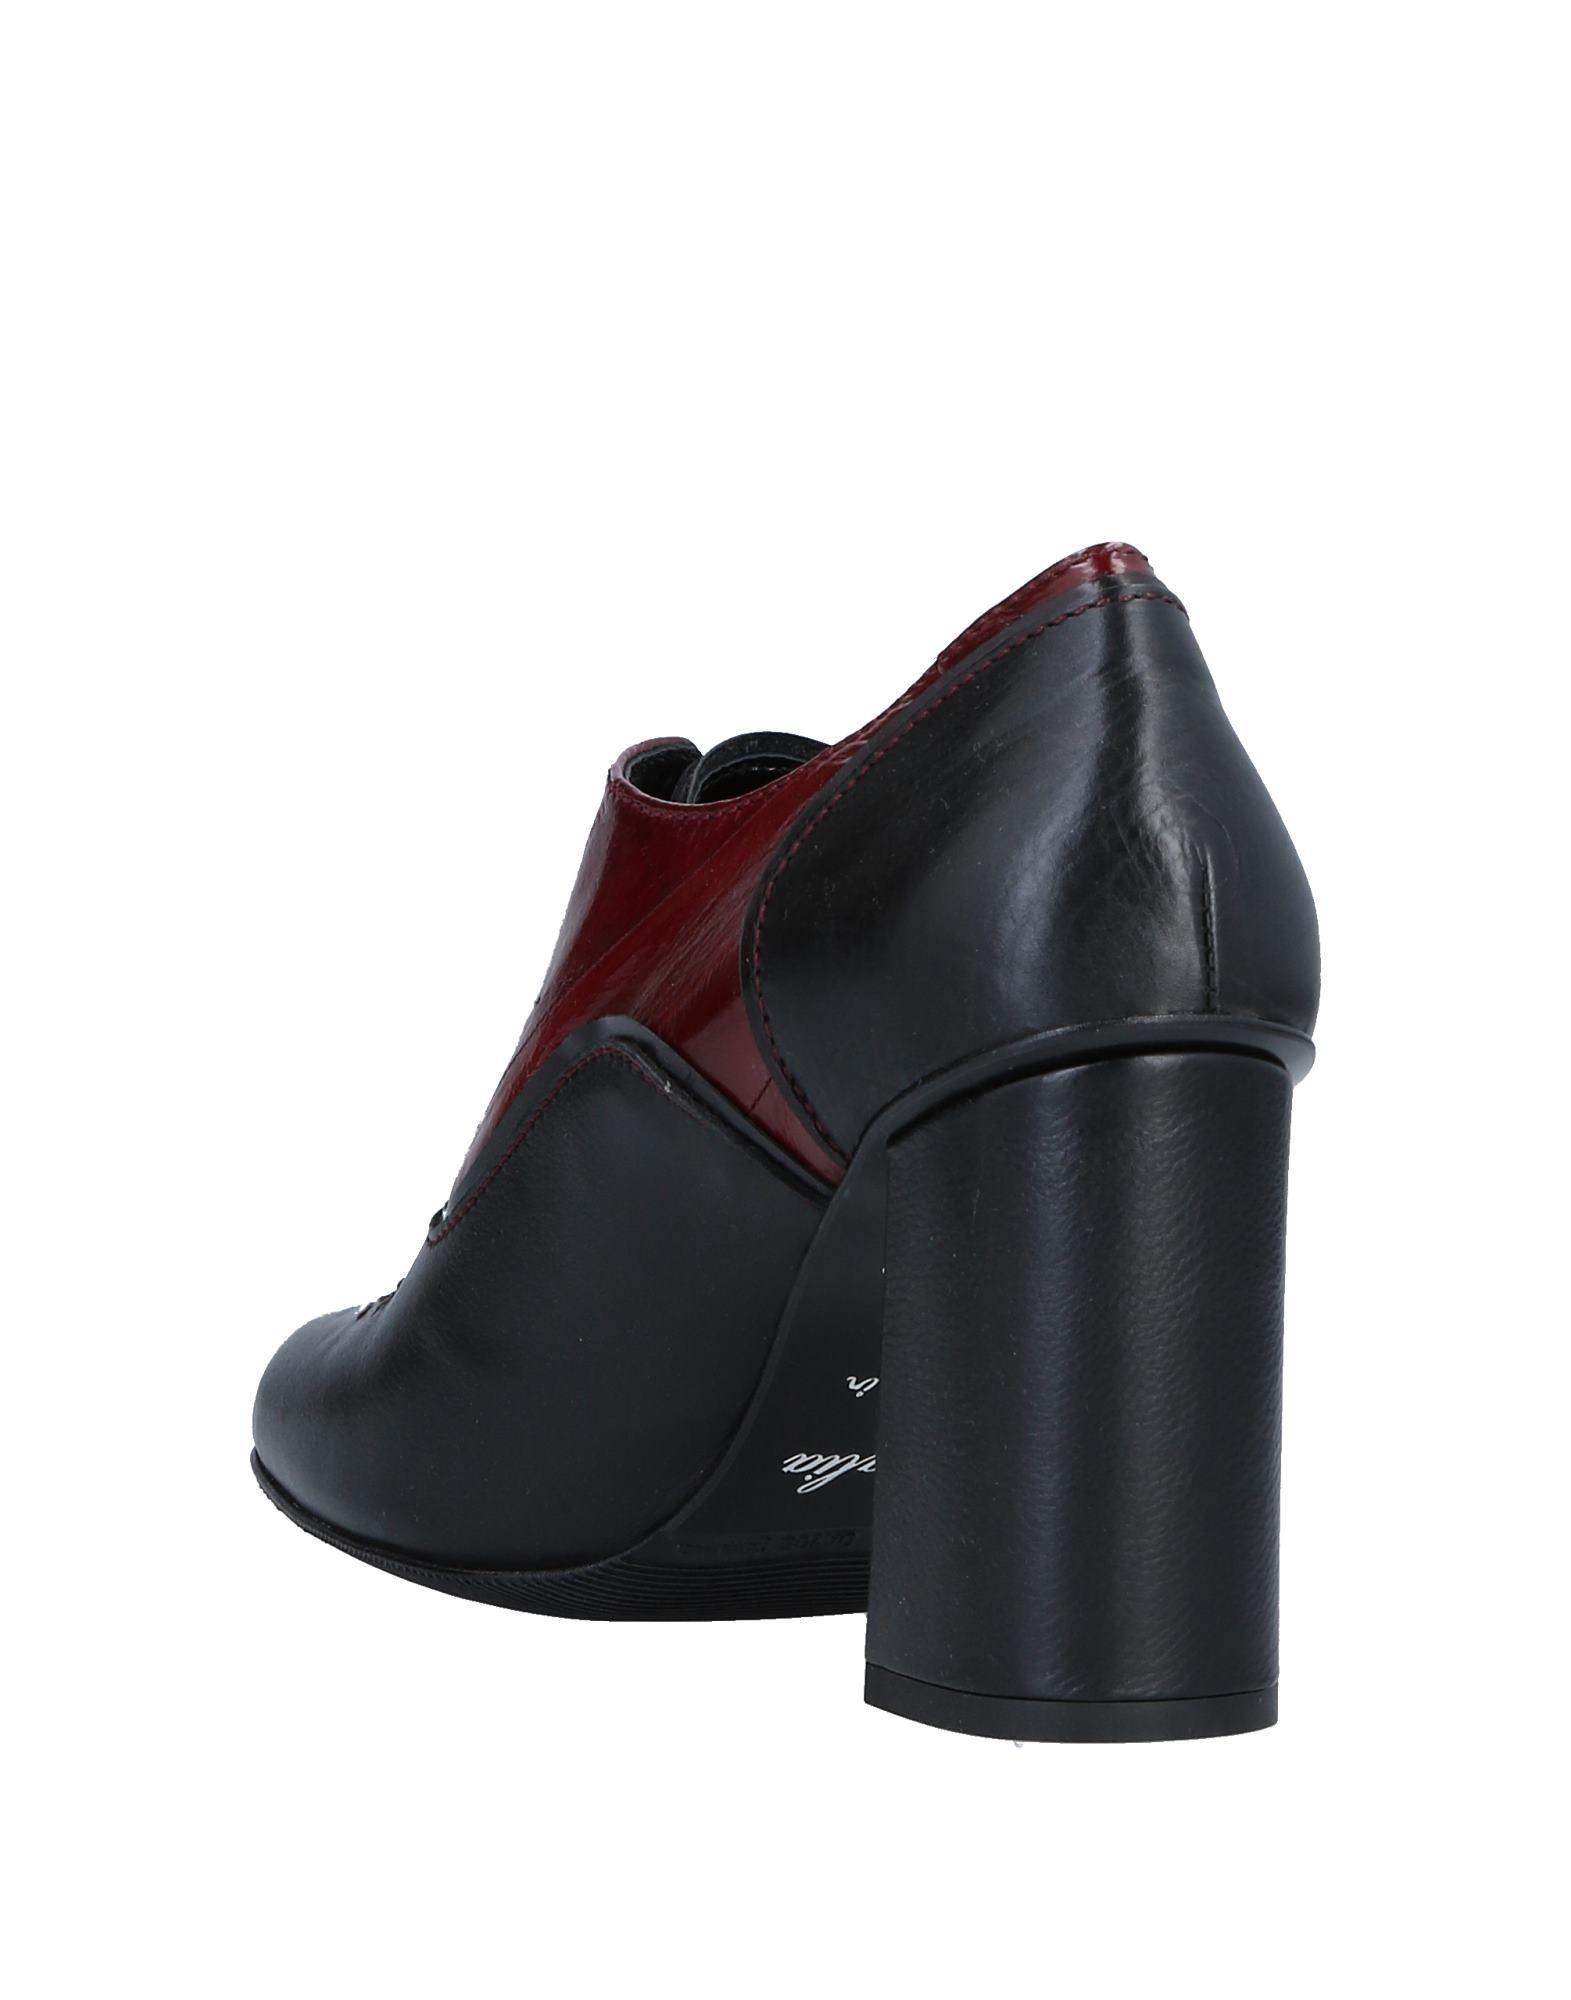 Stilvolle billige Schuhe  F.Lli Bruglia Schnürschuhe Damen  Schuhe 11525484GQ 0757a6